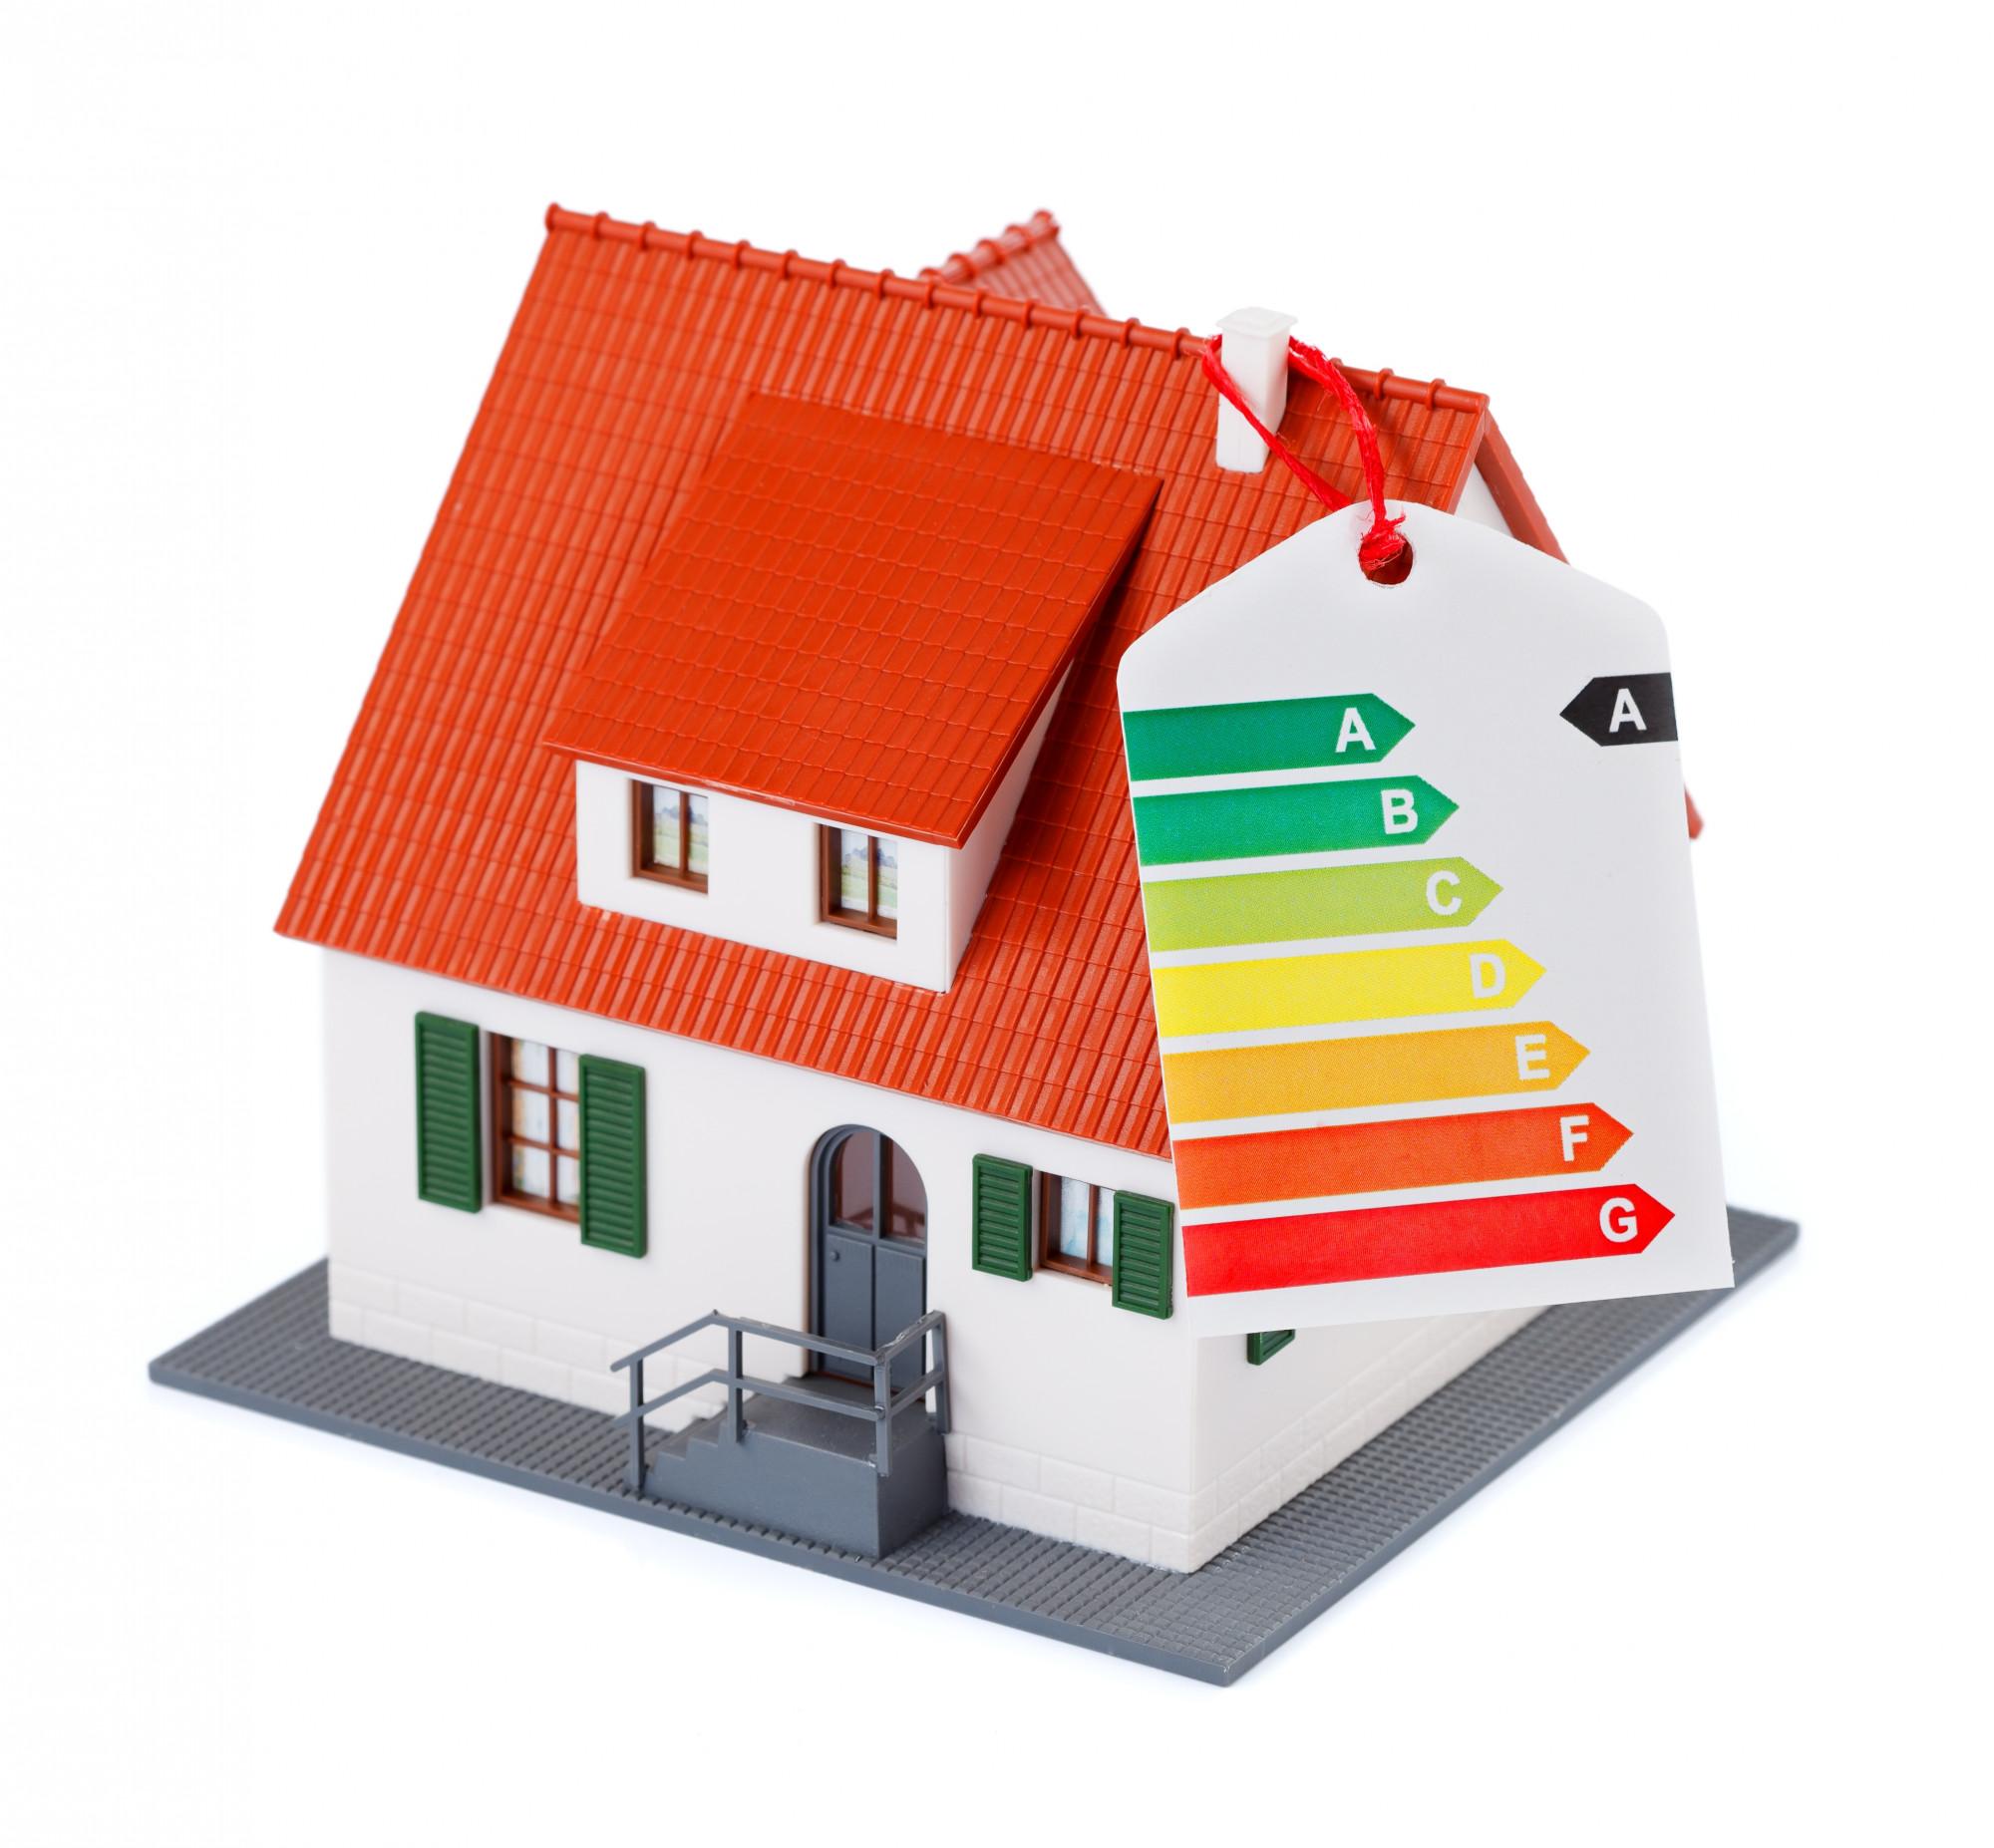 Superbonus 110 per un edificio unifamiliare in comproprietà, i chiarimenti delle Entrate